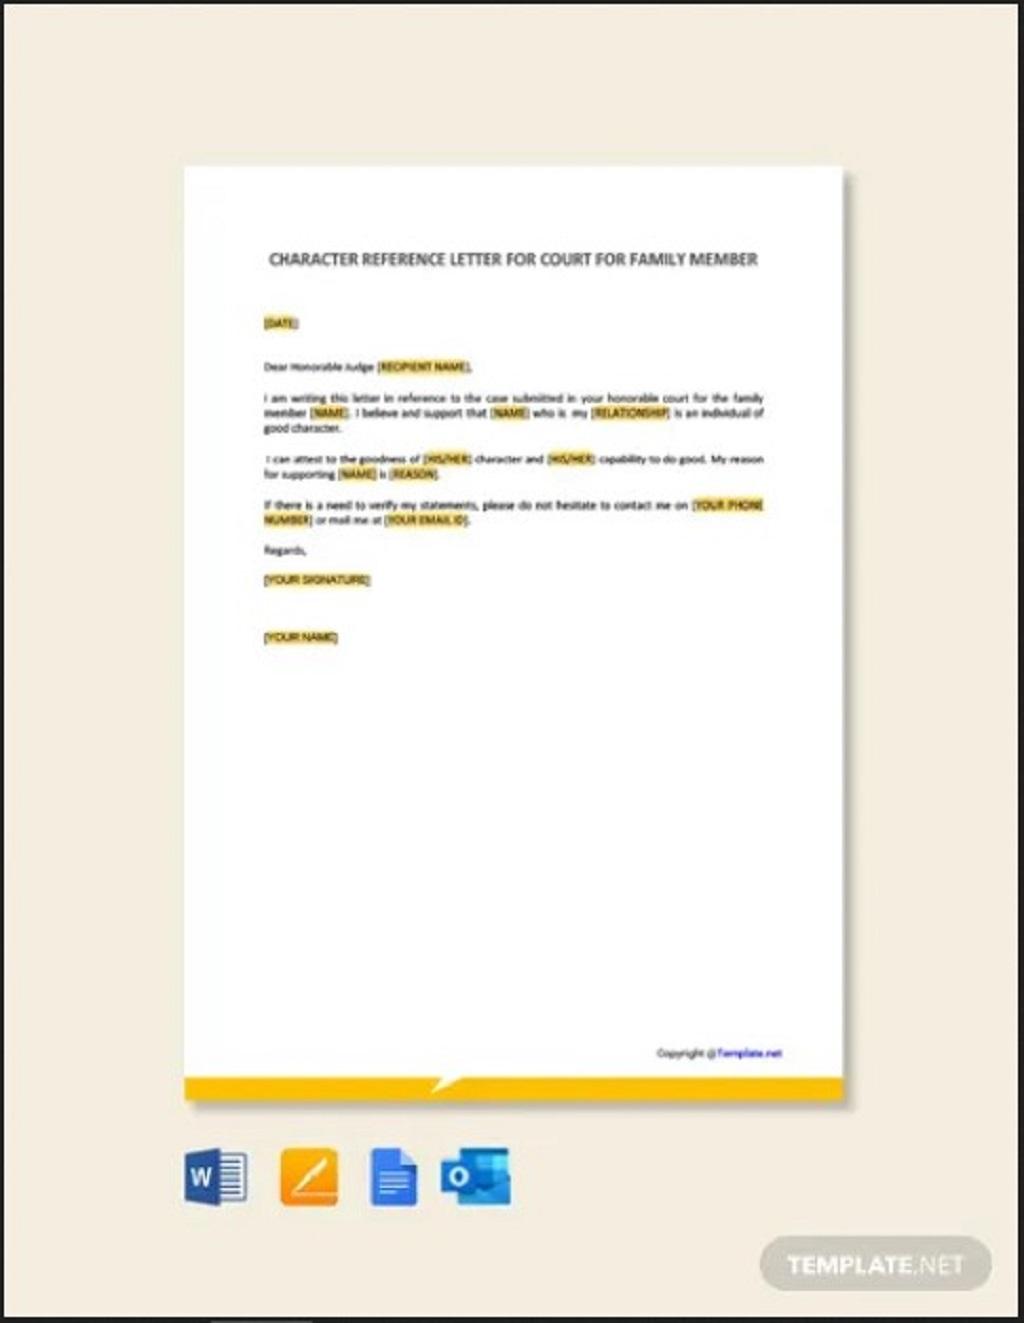 Character Letter for Court for Family Member